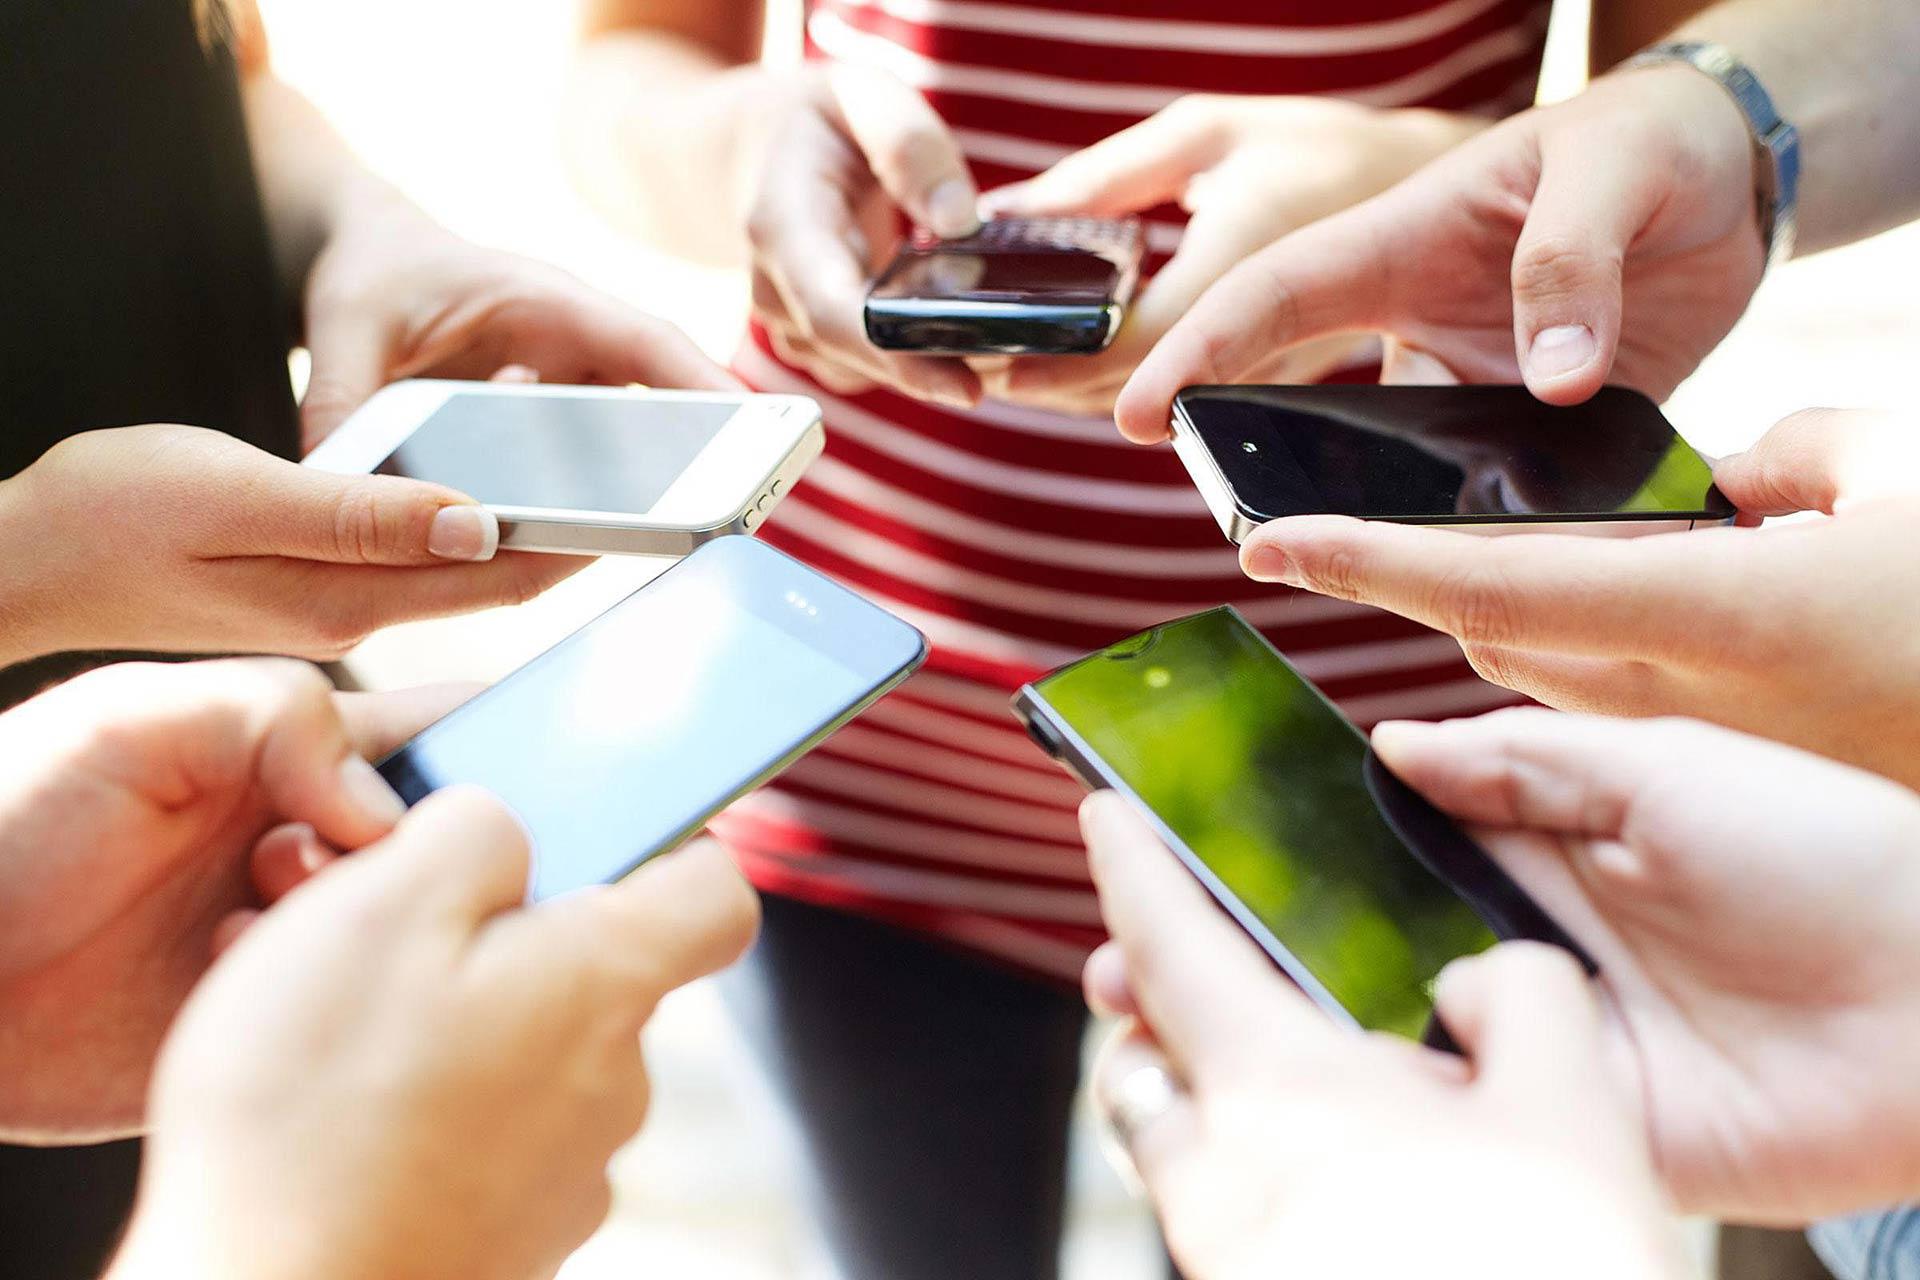 Бесплатный вебинар: 7 инструментов Instagram для предпринимателей